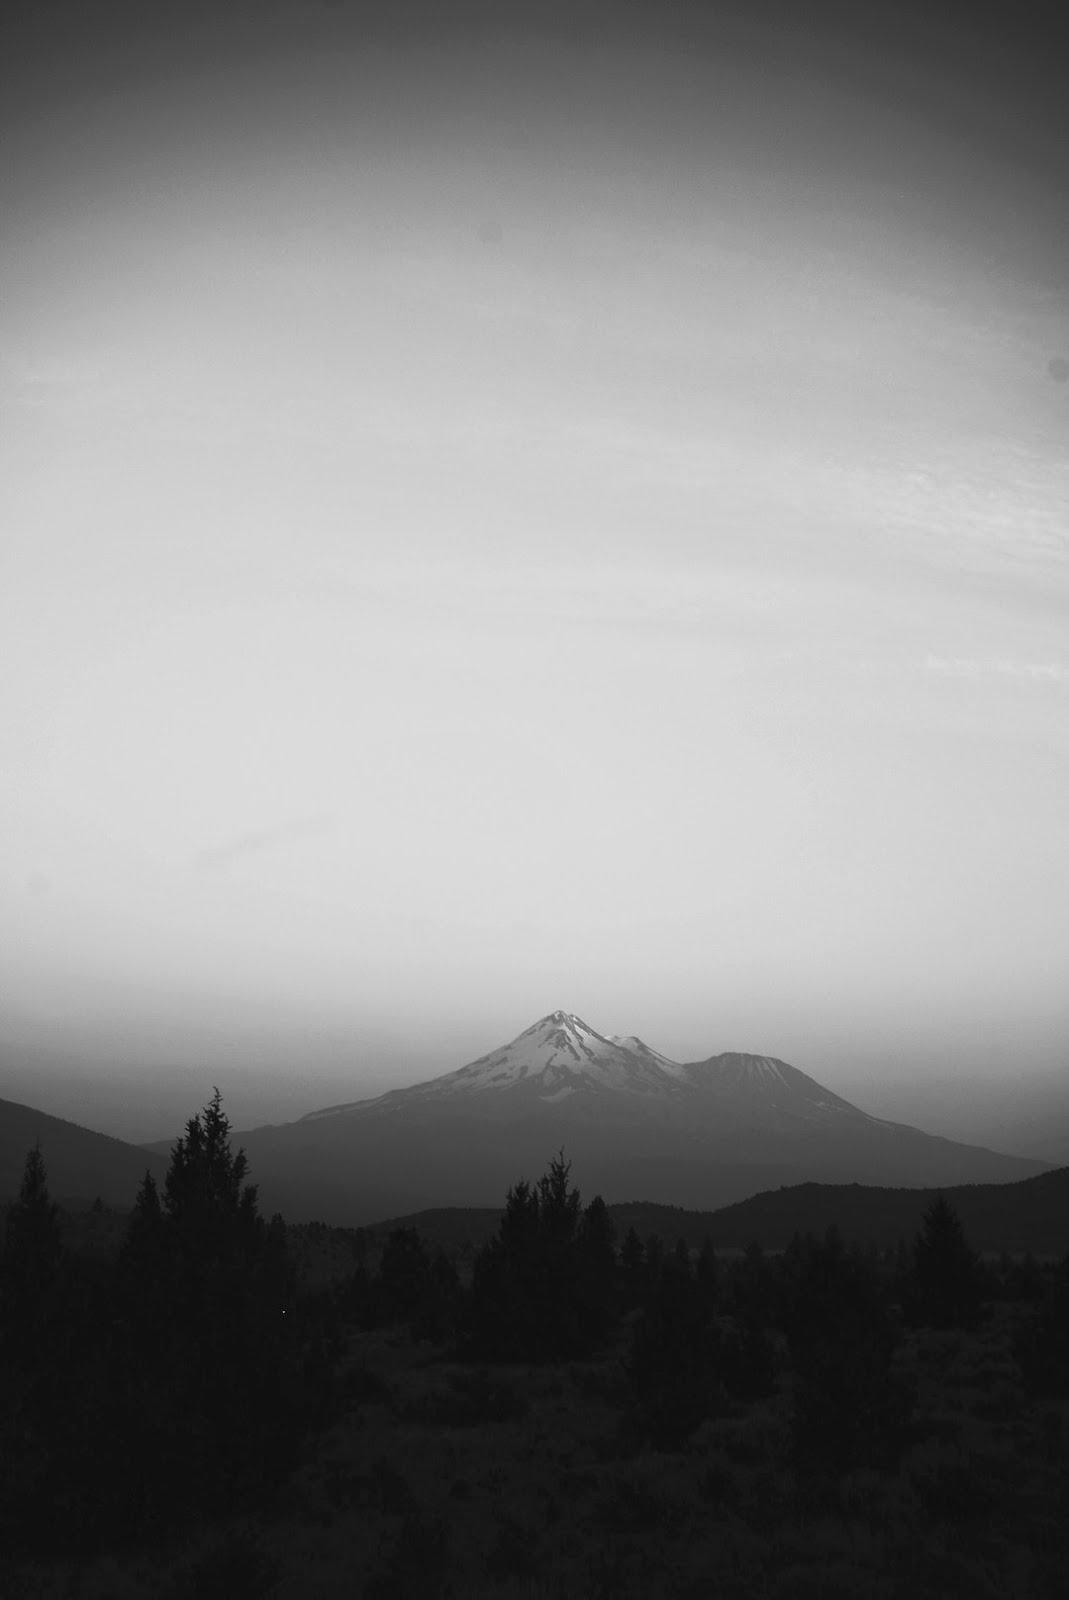 جبال مرتفعة مع ضباب كثيف و خلفية رمادية - خلفيات ايفون X